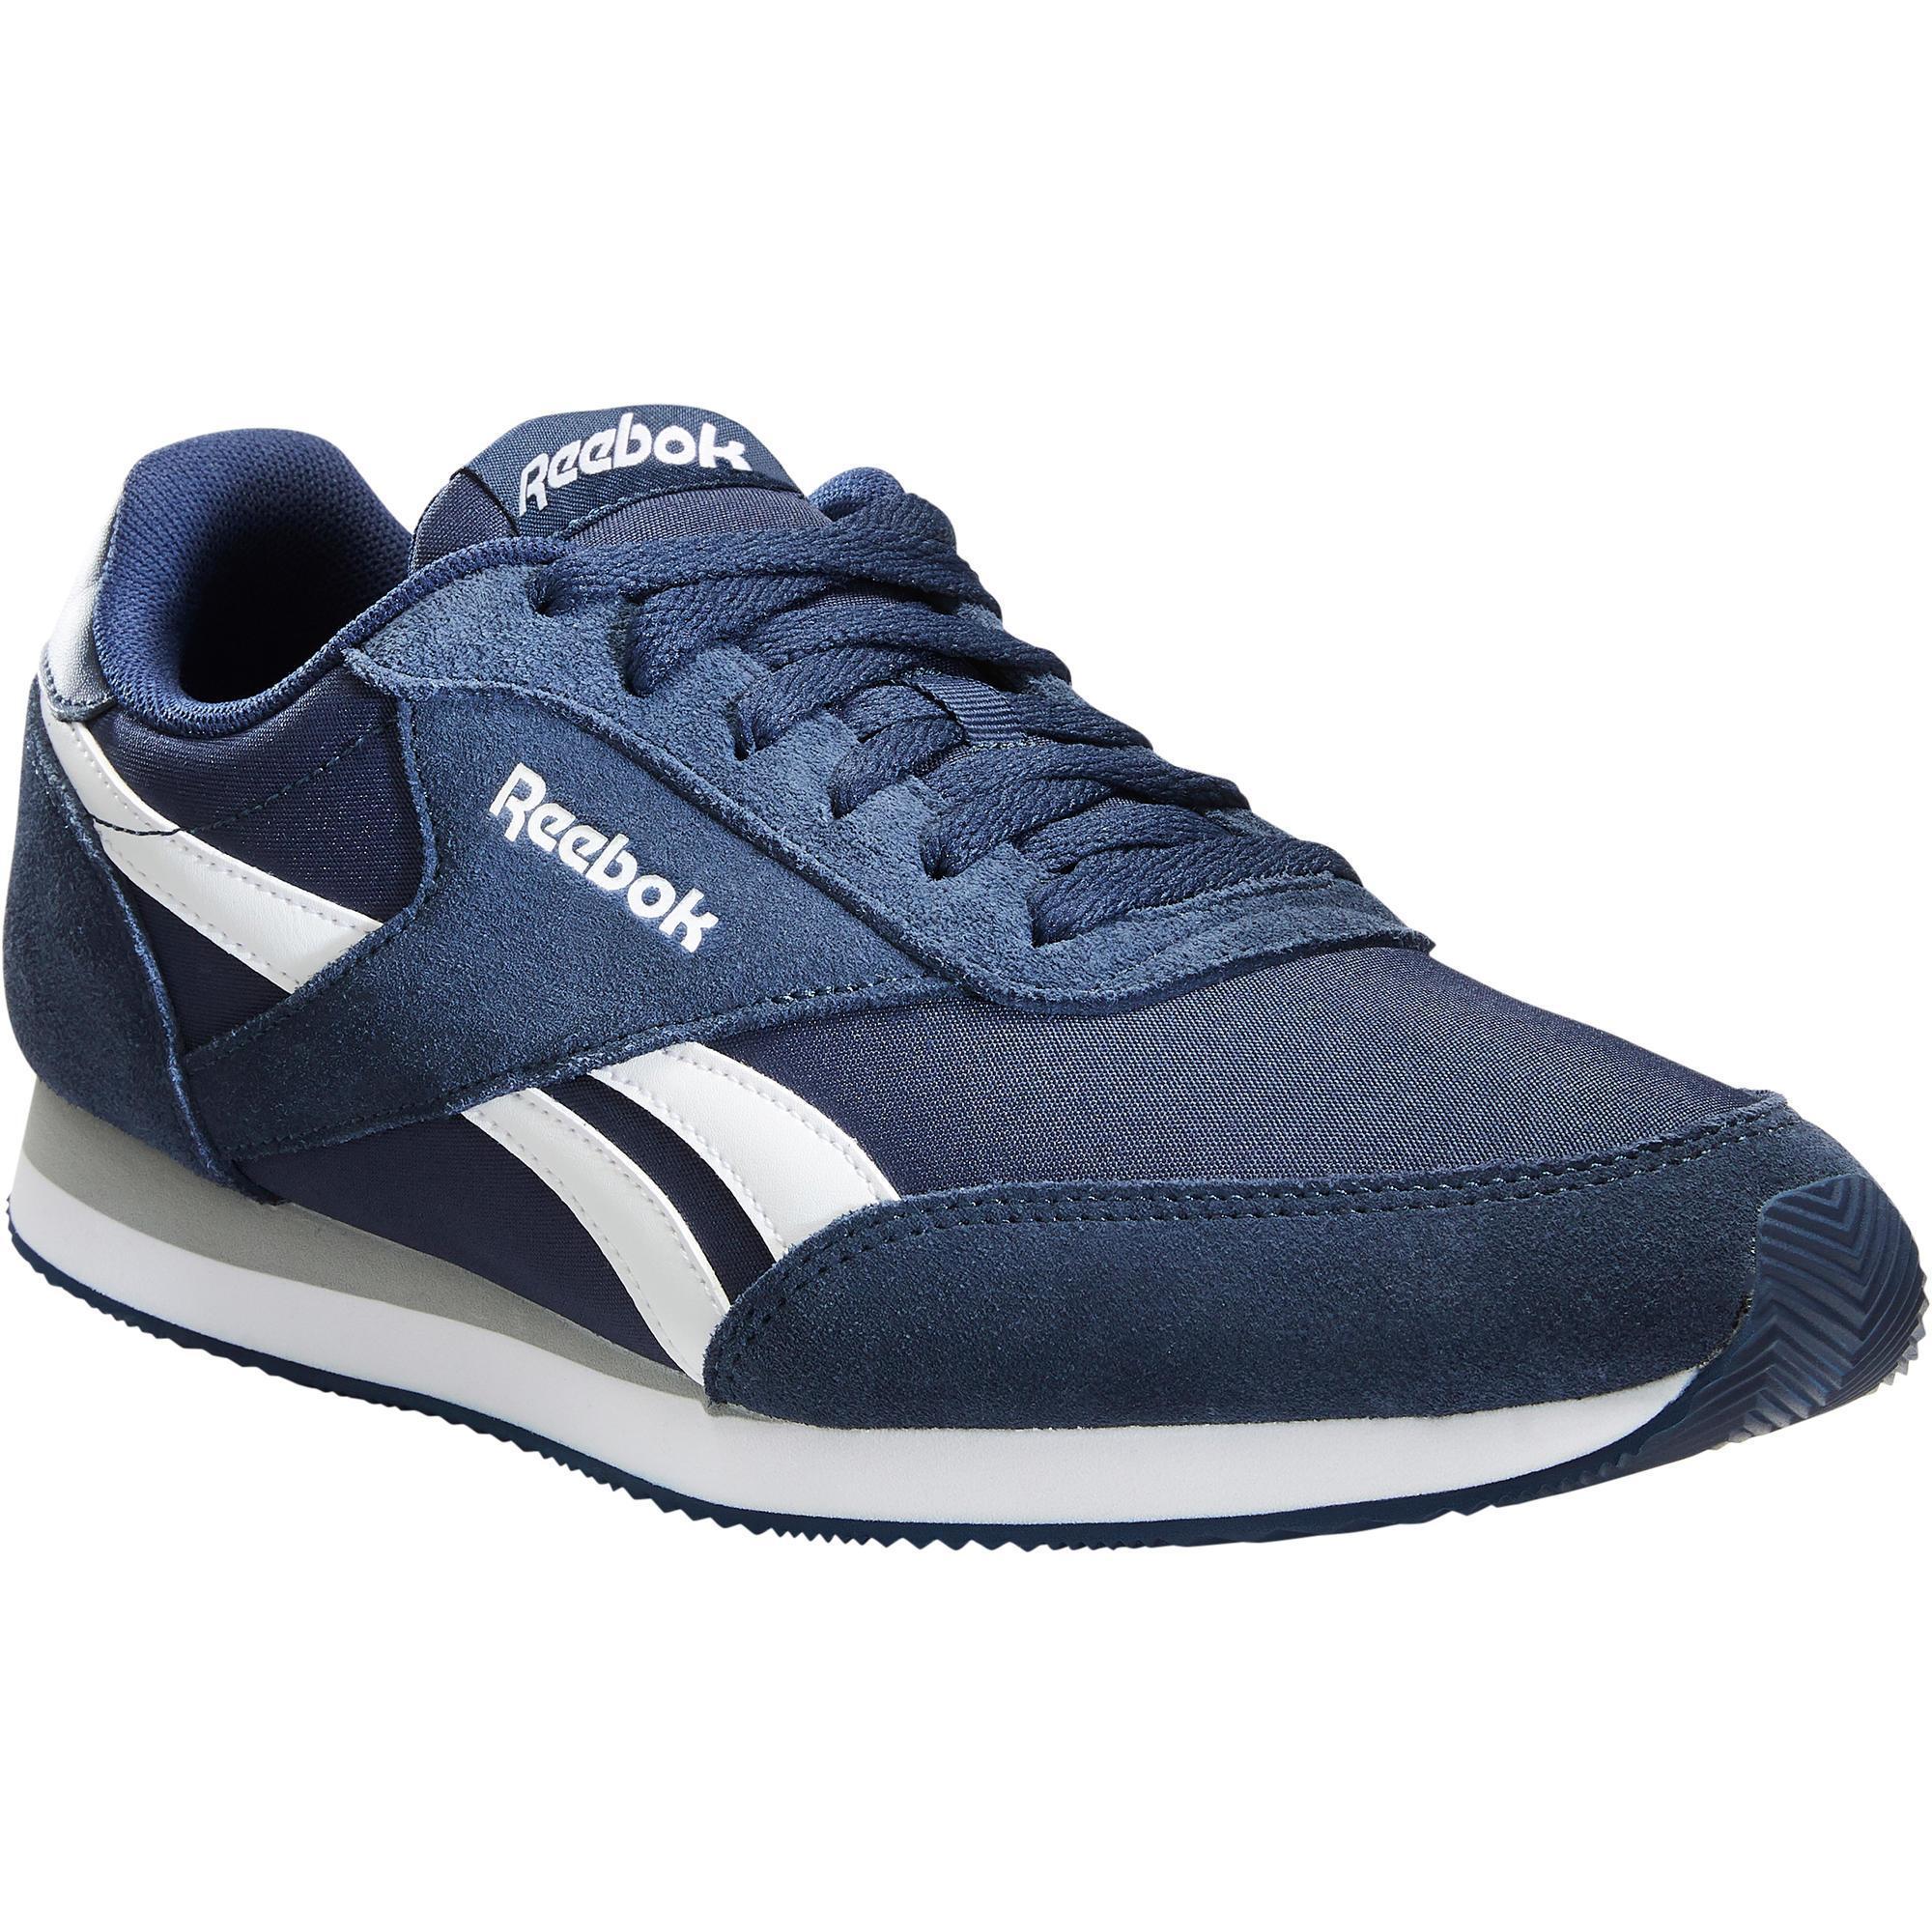 zapatos deportivos para hombre marca reebok online